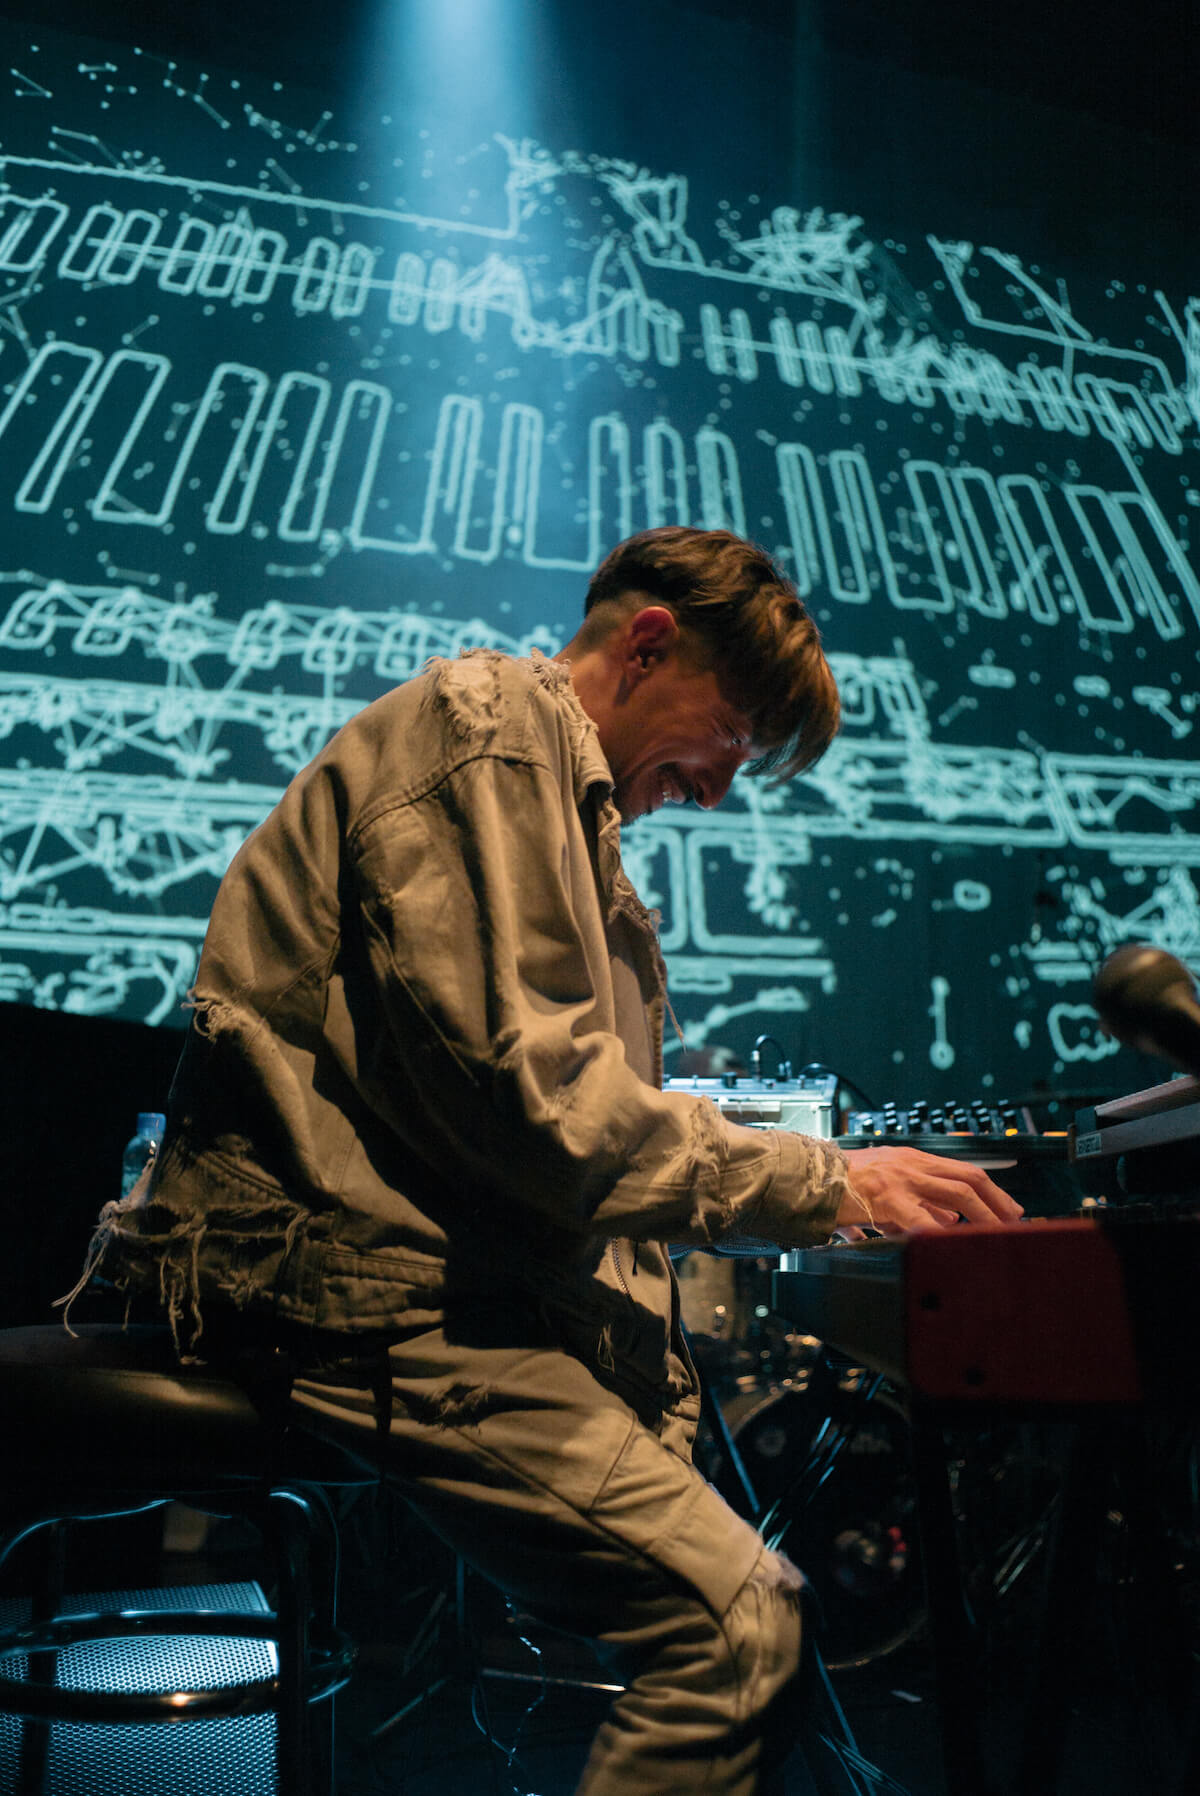 フジロック2019出演。逆輸入アーティストBIGYUKIのパフォーマンスは必見|ロバート・グラスパーら世界の大物から注目される理由とは mu190722_bigyuki5